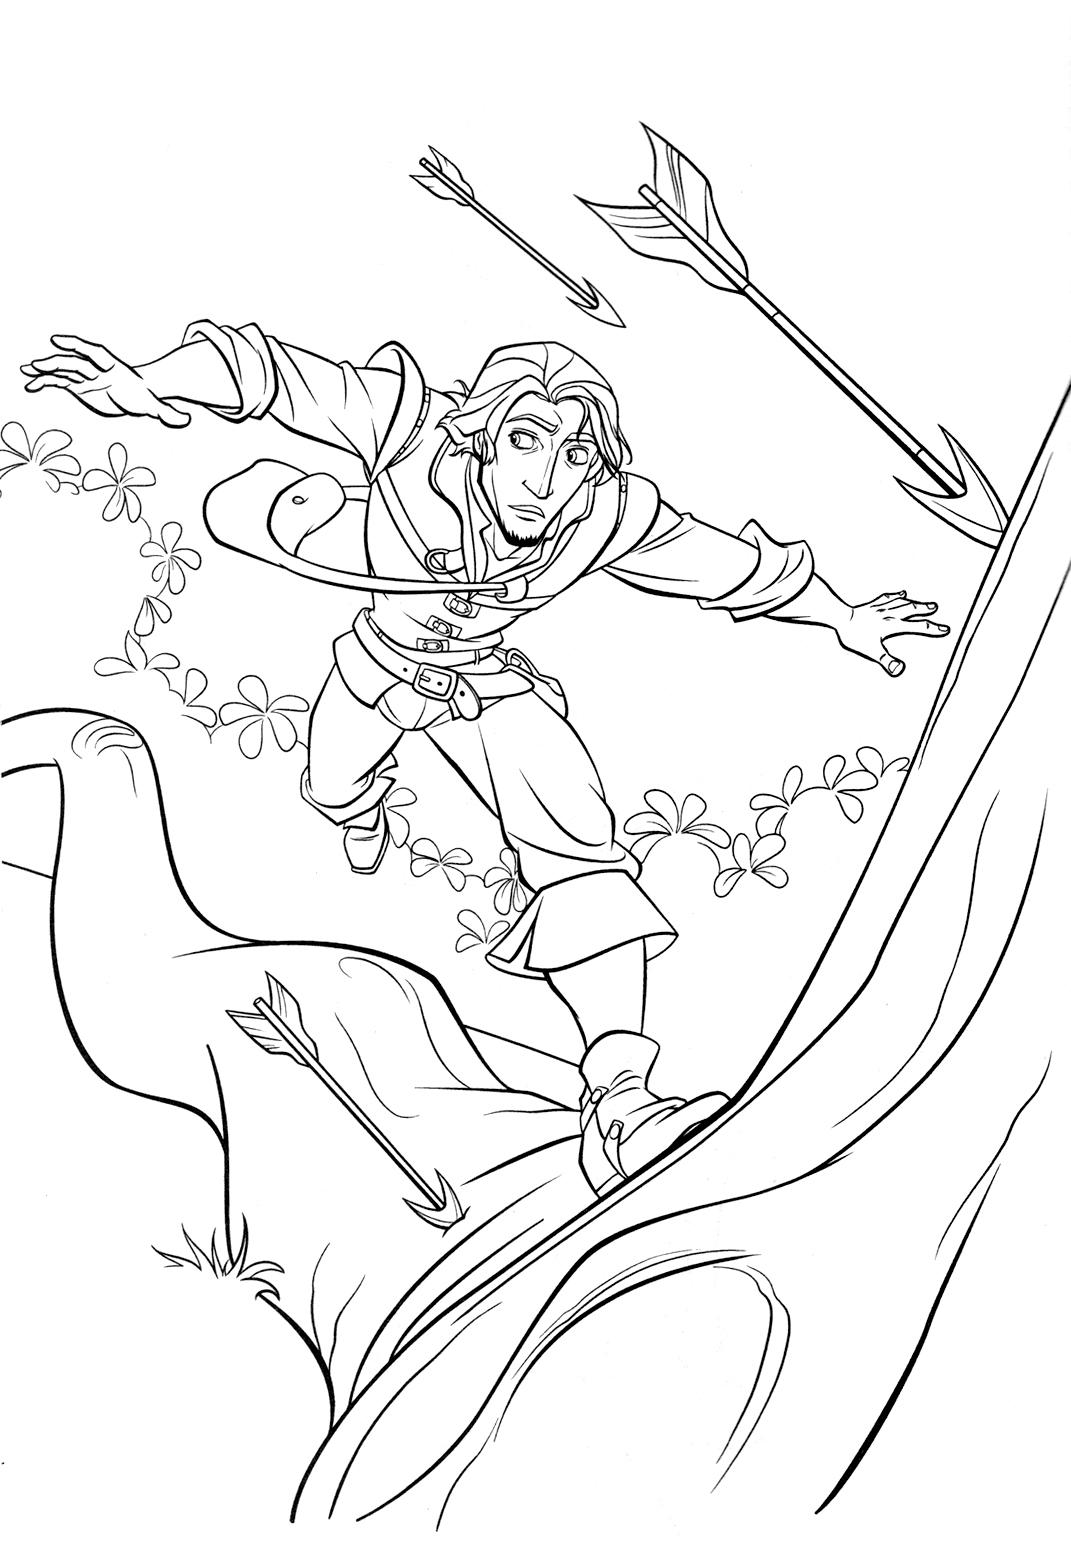 imagens para colorir da rapunzel - Back to Rapunzel e Enrolados para imprimir e colorir gratis